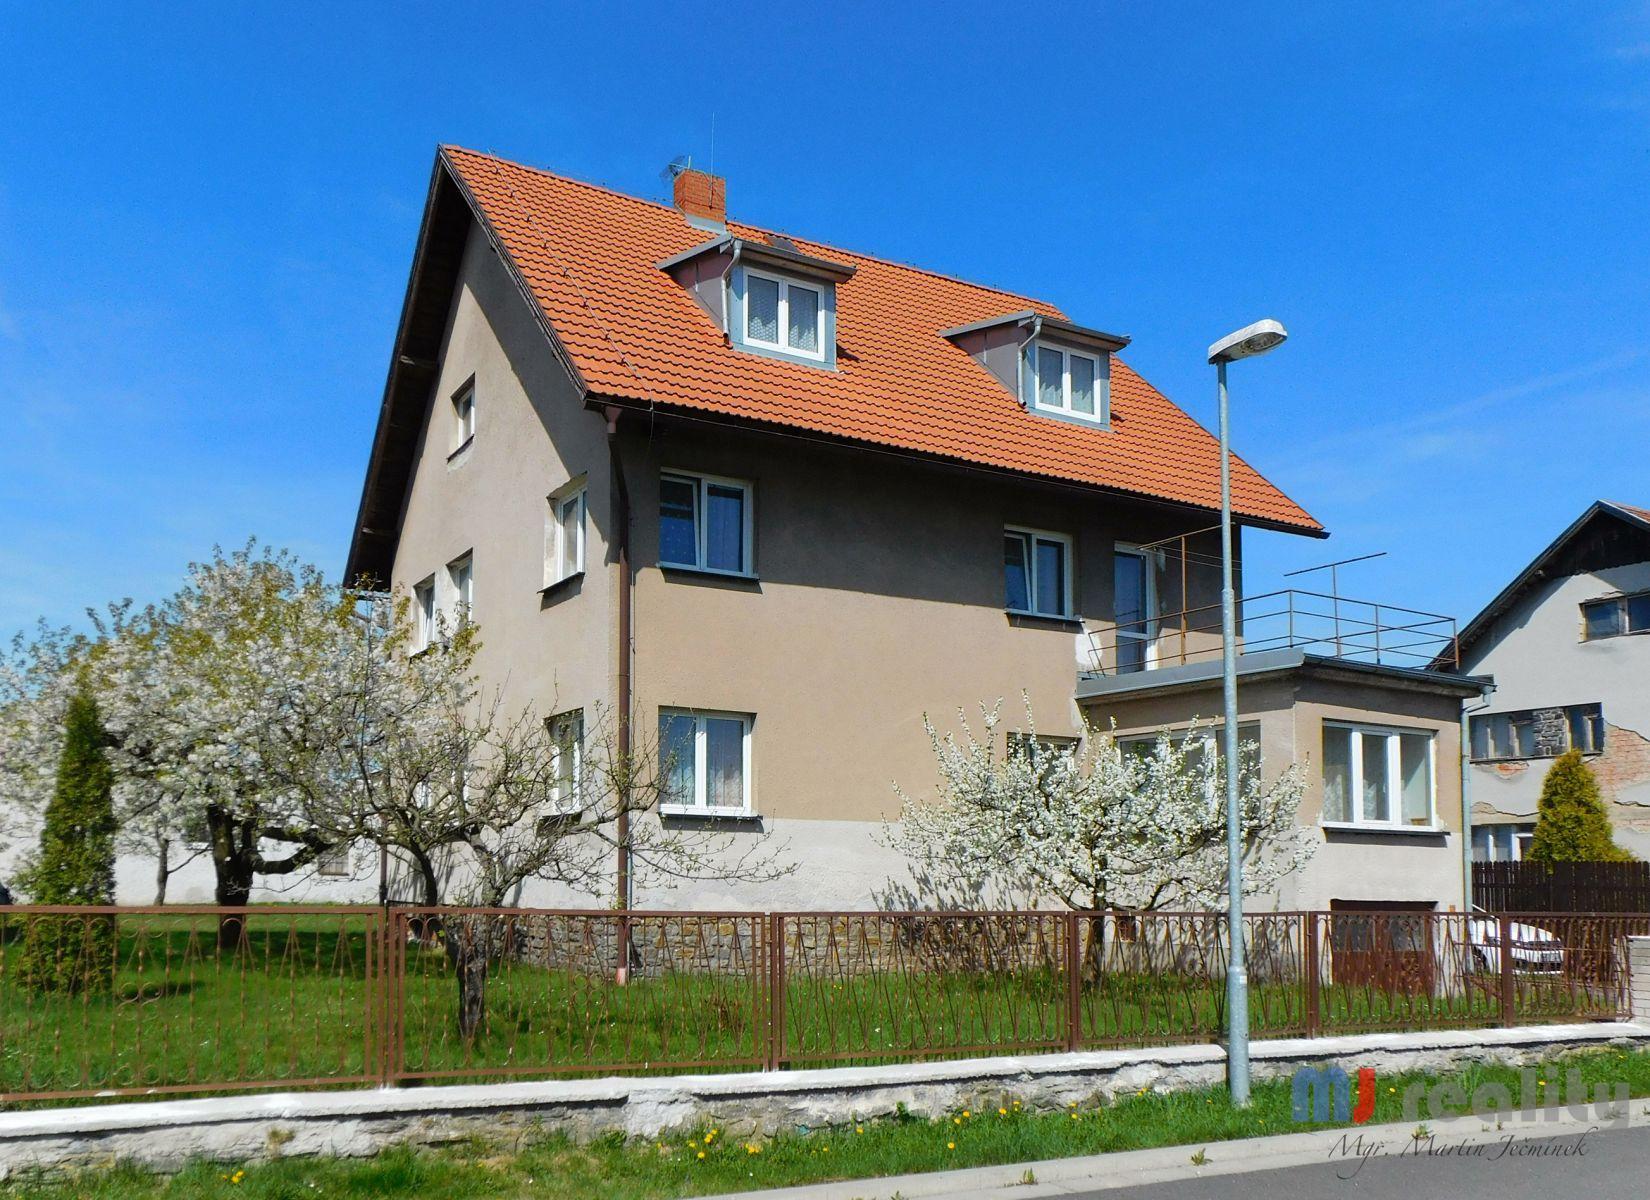 Rodinný dům v Uhlířských Janovicích, okres Kutná Hora